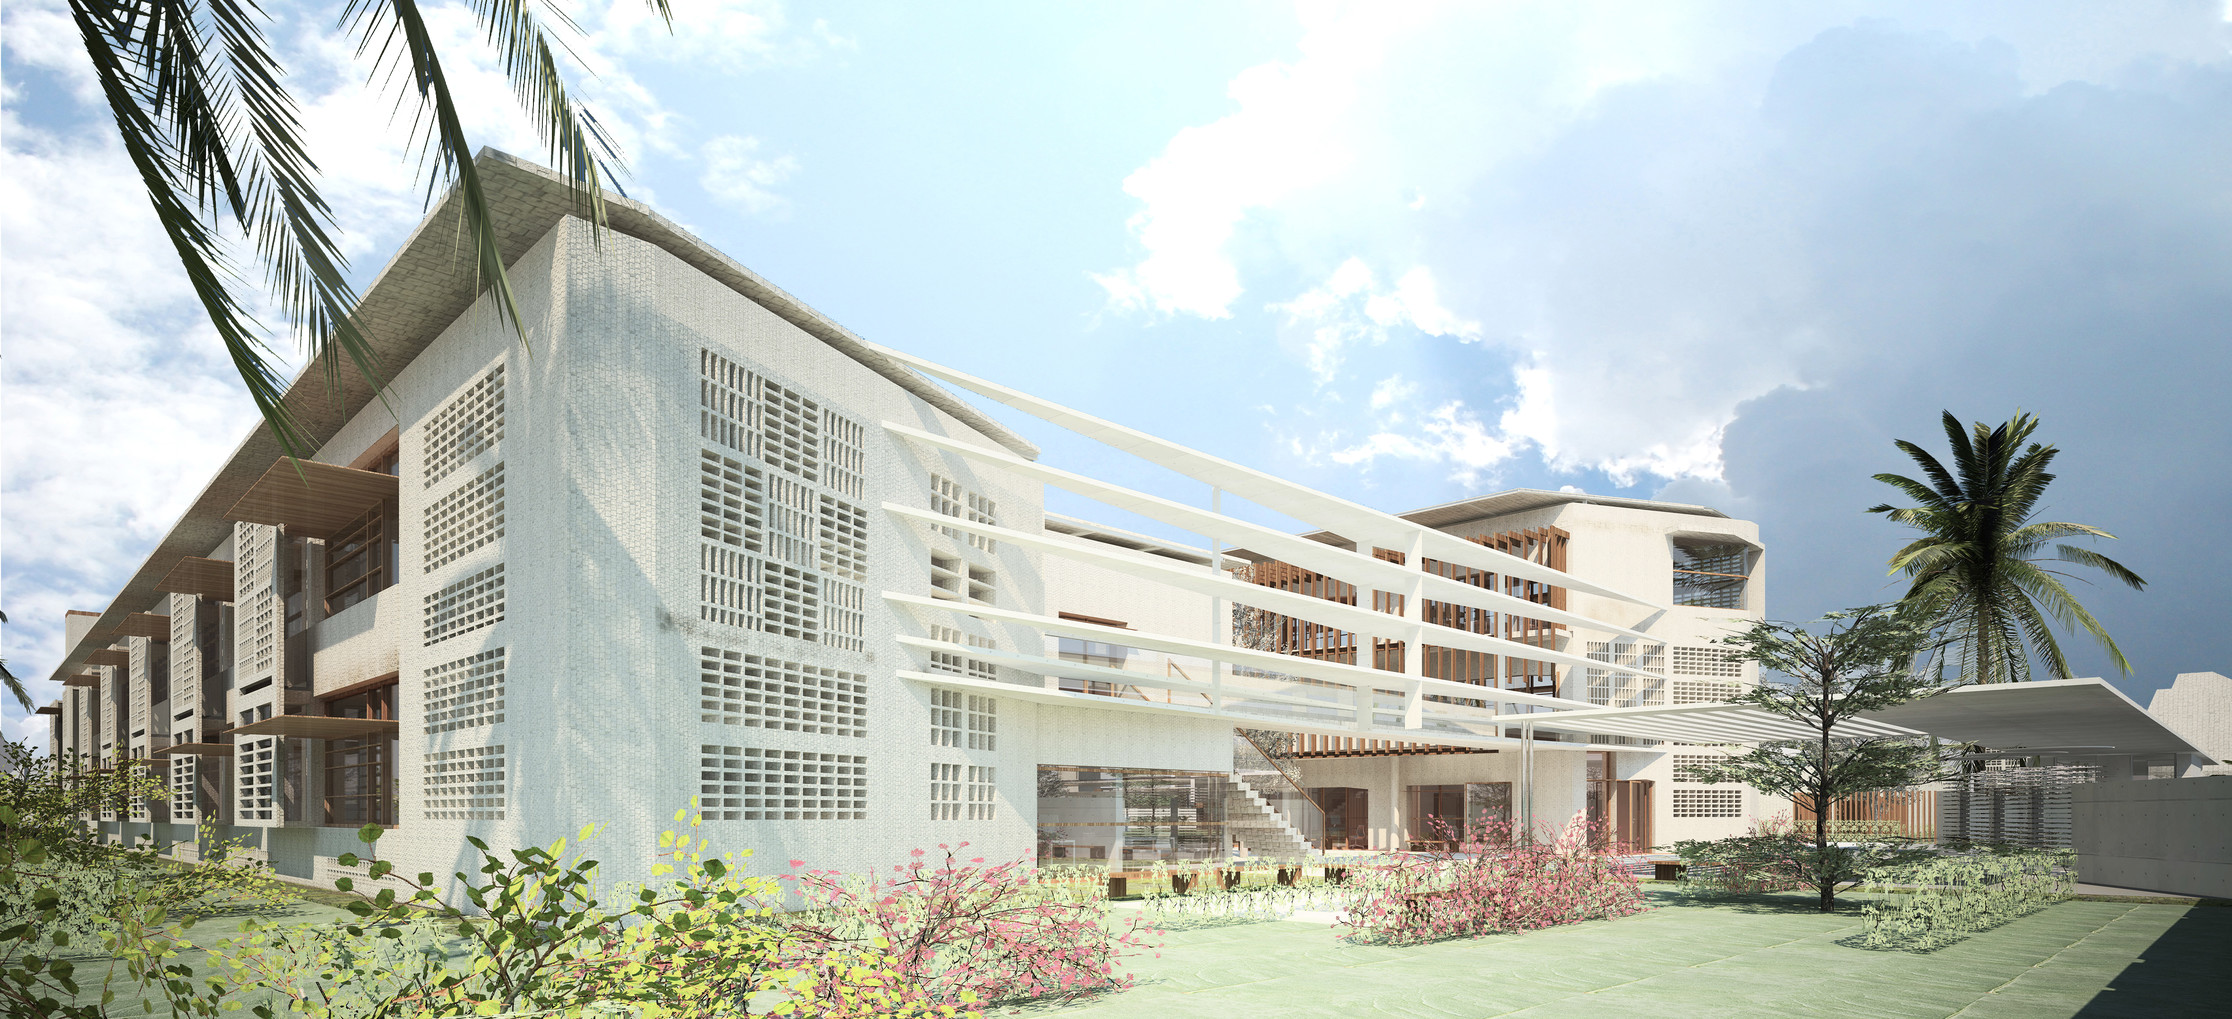 Centre de formation Transform à Djibouti 2